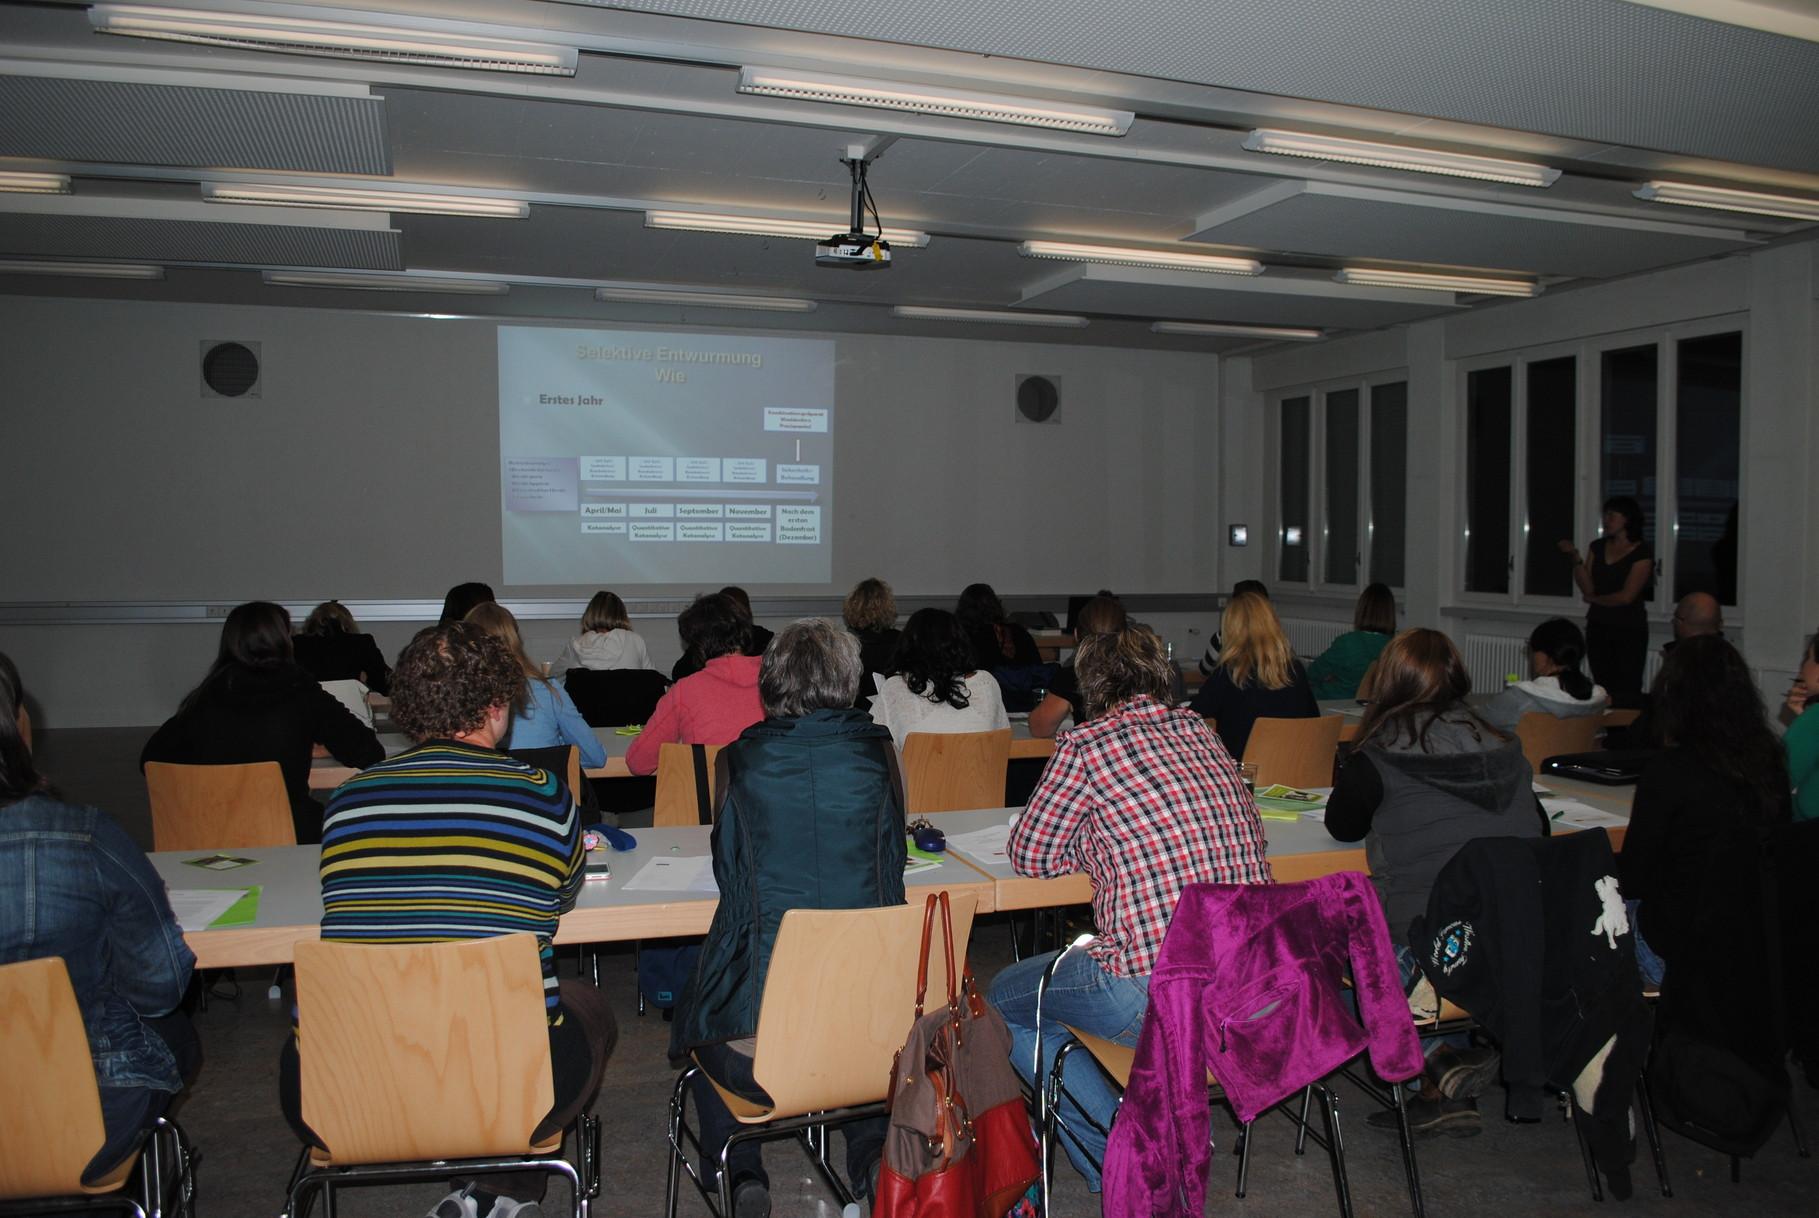 Entwurmungsvortrag: Der erste Vortrag in der Region Bern fand am 3. Oktober 2013 im Feuerwehrmagazin in Münsingen statt.